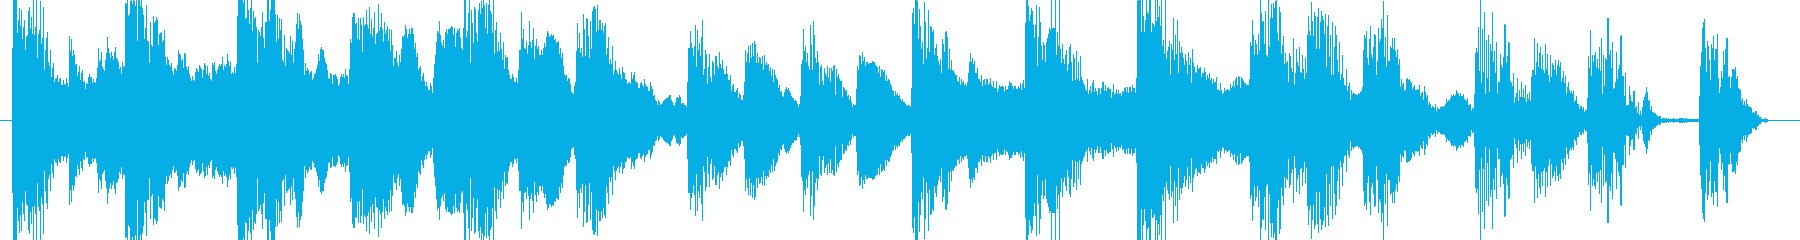 着信コールサイン電話ループ設定の再生済みの波形